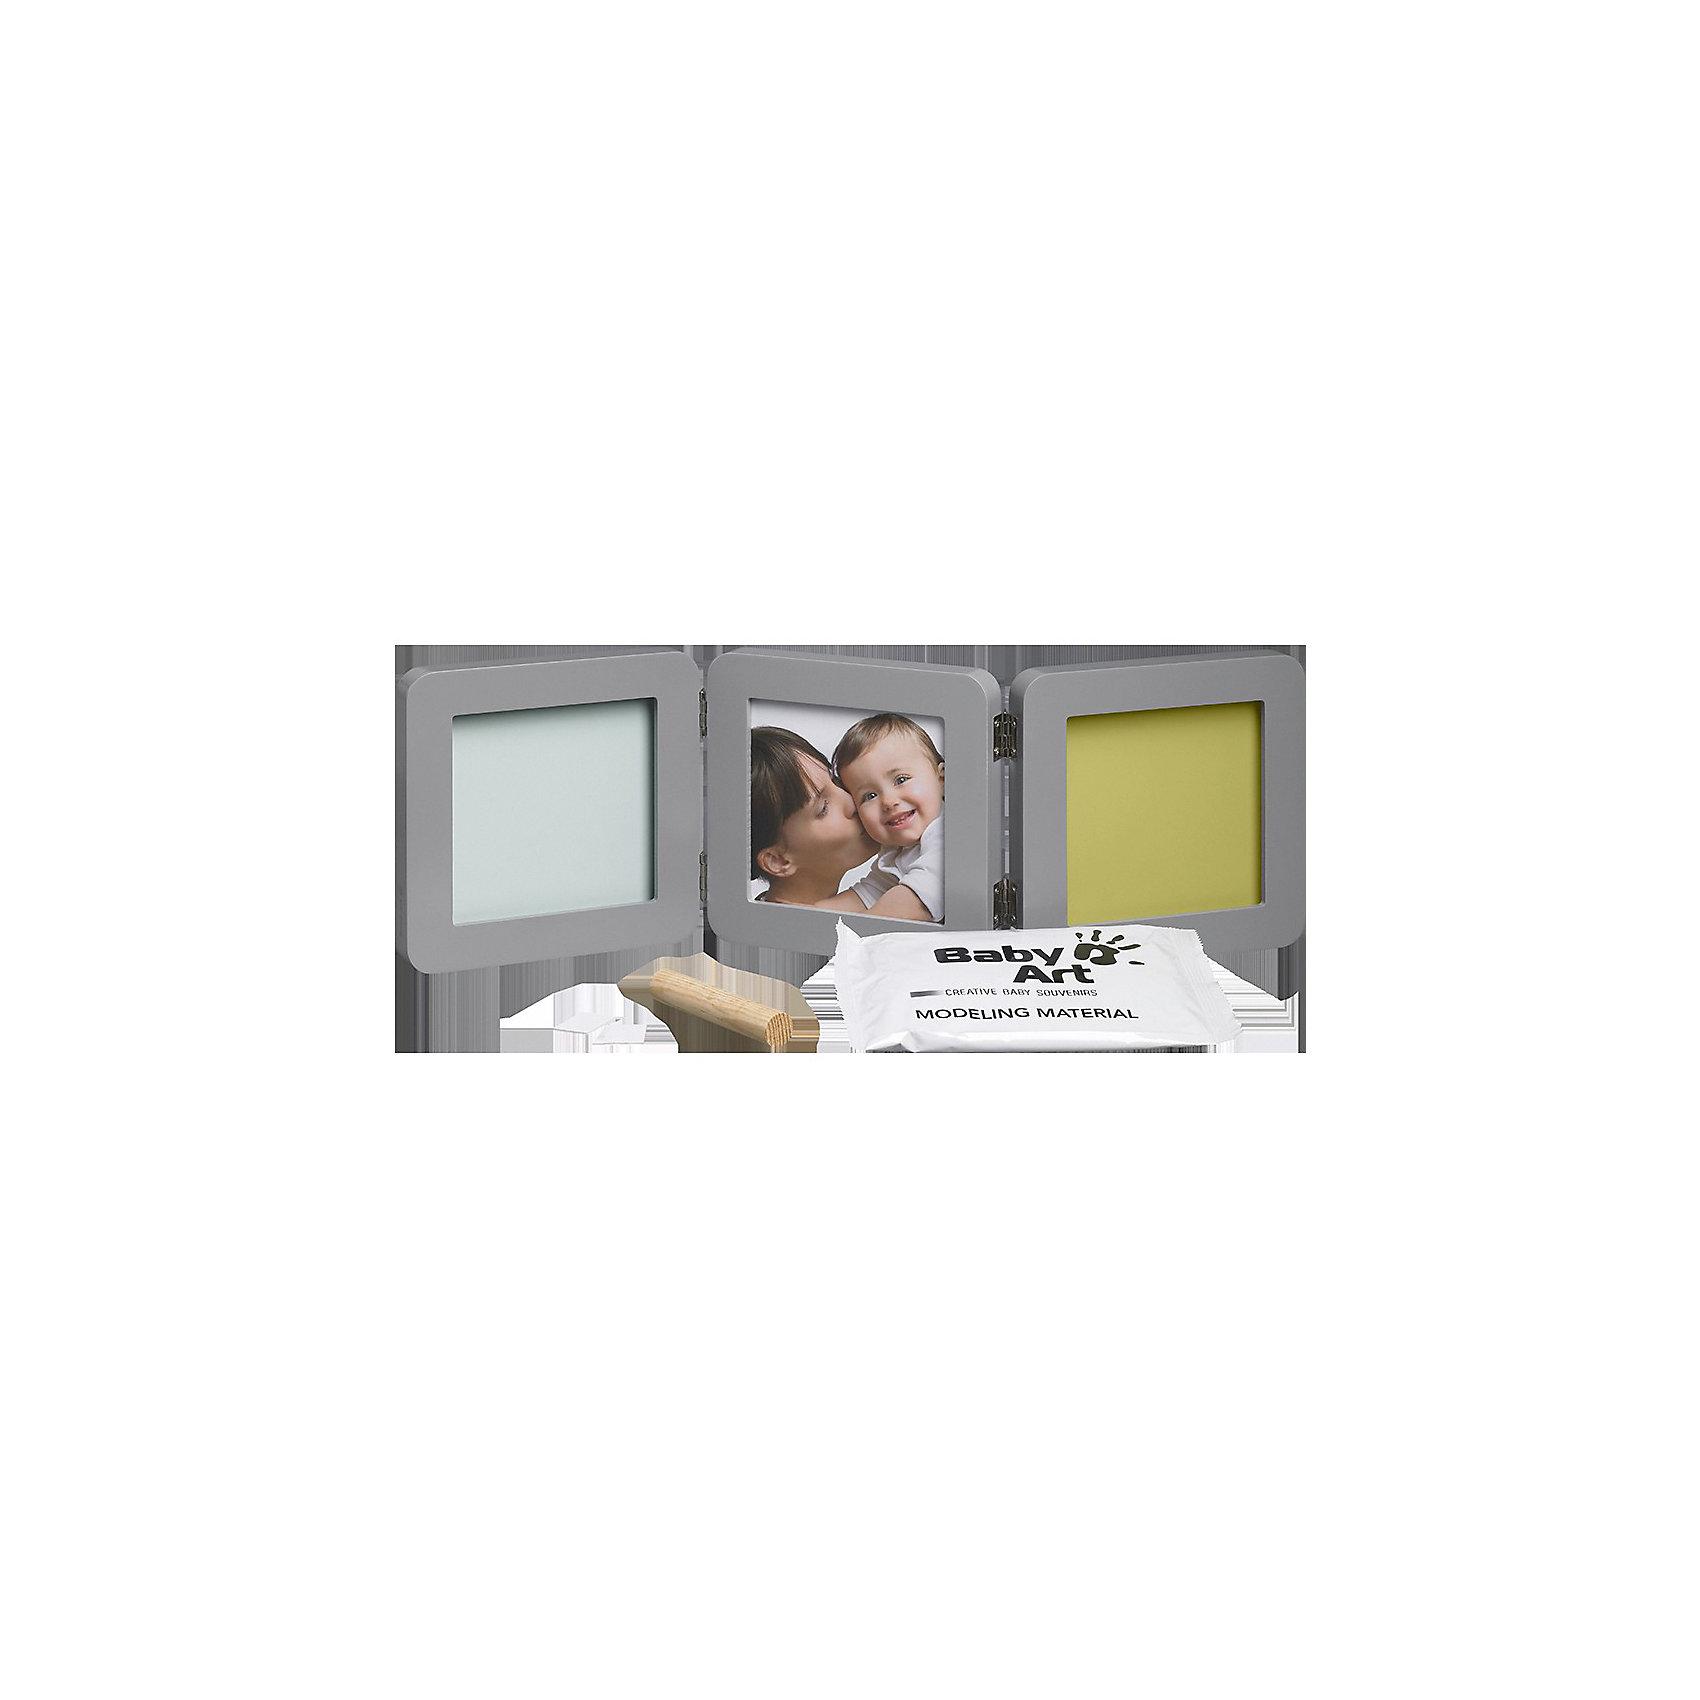 Фоторамка тройная, Baby Art, серая, подложка коралловая/бирюзовая/салатовая/фиолетоваяСоздать объемный отпечаток ручки и ножки ребенка поможет набор Baby Art (Бейби Арт). Гипсовые отпечатки помещается в рамочку, между ними ставится фотография малыша. <br>Процесс создания слепка:<br>• материал надо размять руками и раскатать скалкой;<br>• оставить отпечаток ручки и ножки малыша;<br>• обрезать лишние края основы (желательно выравнивать края под линейку, сделать 4 среза);<br>• оставить гипс сохнуть;<br>• приклеить слепок в окошко рамки;<br>• поместить фотографию ребенка в соседнее окошко.<br><br>Дополнительная информация:<br><br>Размер одной створки: 17х17 см<br>Комплектация набора «Double Print Frame»:<br>• тройная фоторамка;<br>• гипсовый слепок;<br>• скалка;<br>• двусторонняя клейкая лента;<br>• инструкция. <br>ВНИМАНИЕ! Данный артикул имеется в наличии в разных цветовых исполнениях (коралловая/бирюзовая/салатовая/фиолетовая подложка). К сожалению, заранее выбрать определенный цвет невозможно. <br>Фоторамку тройную, Baby Art, серую, подложка коралловая/бирюзовая/салатовая/фиолетовая можно купить в нашем интернет-магазине.<br><br>Ширина мм: 197<br>Глубина мм: 185<br>Высота мм: 99<br>Вес г: 1122<br>Цвет: серый<br>Возраст от месяцев: 0<br>Возраст до месяцев: 12<br>Пол: Унисекс<br>Возраст: Детский<br>SKU: 3924378